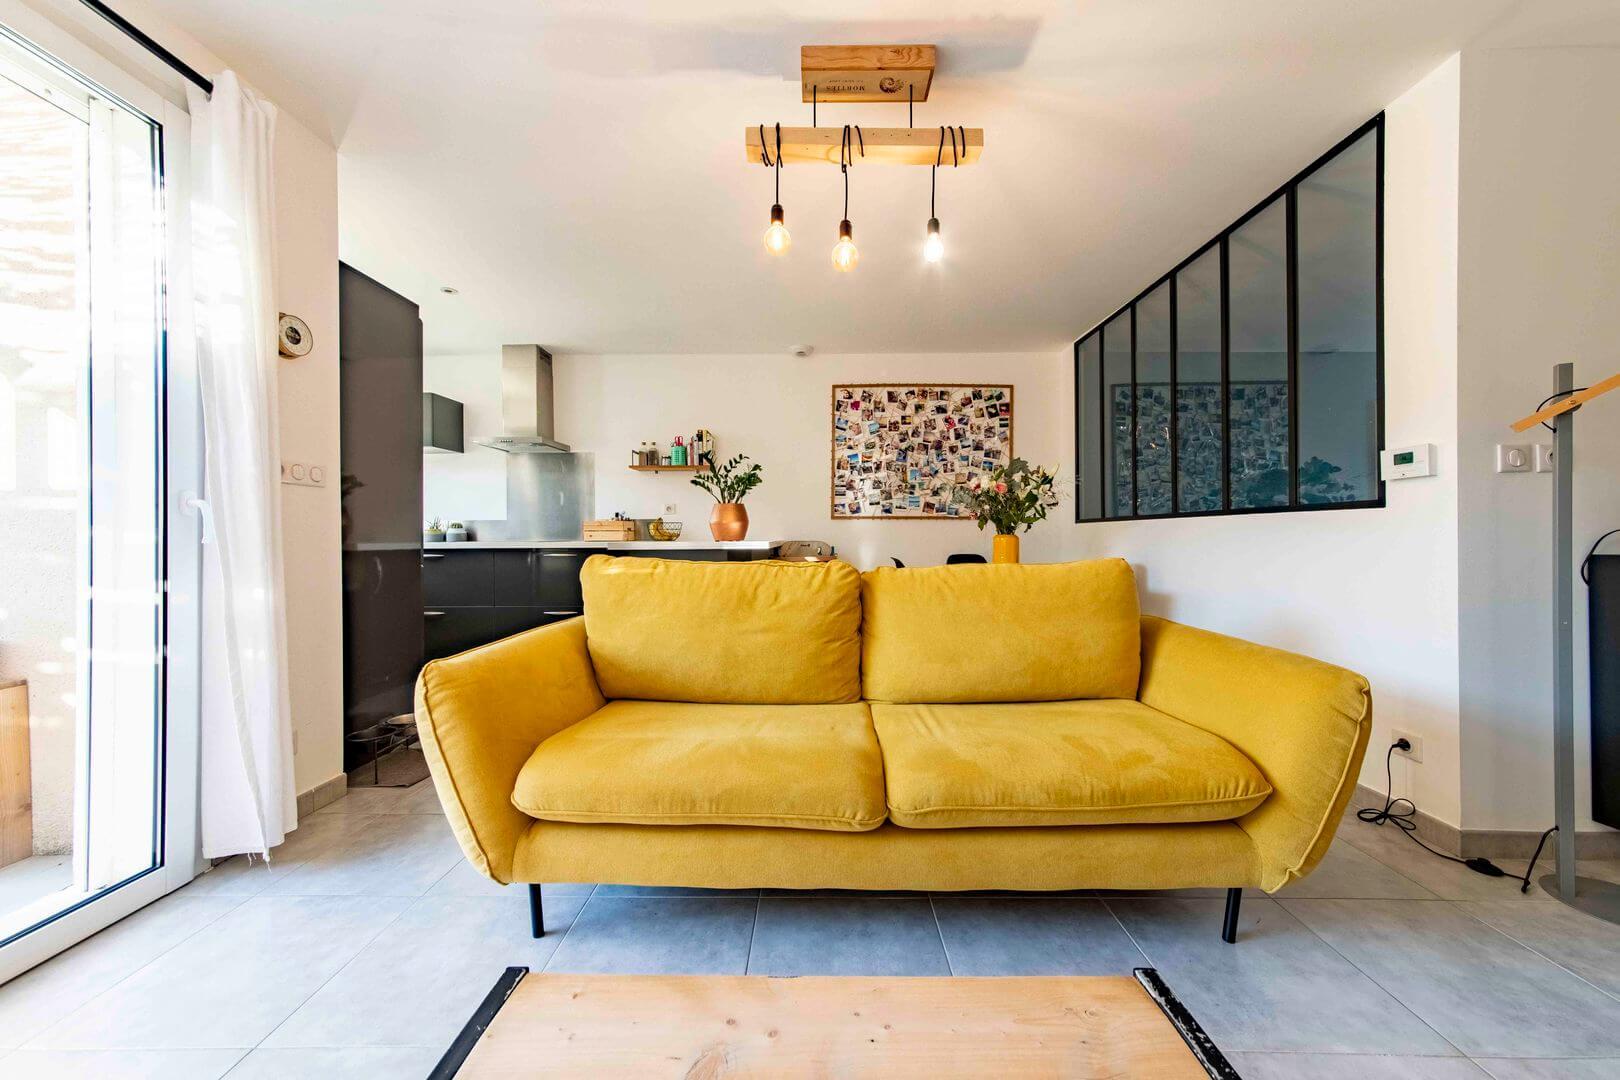 Homki - Vente Maison/villa  de 77.0 m² à Mauguio 34130